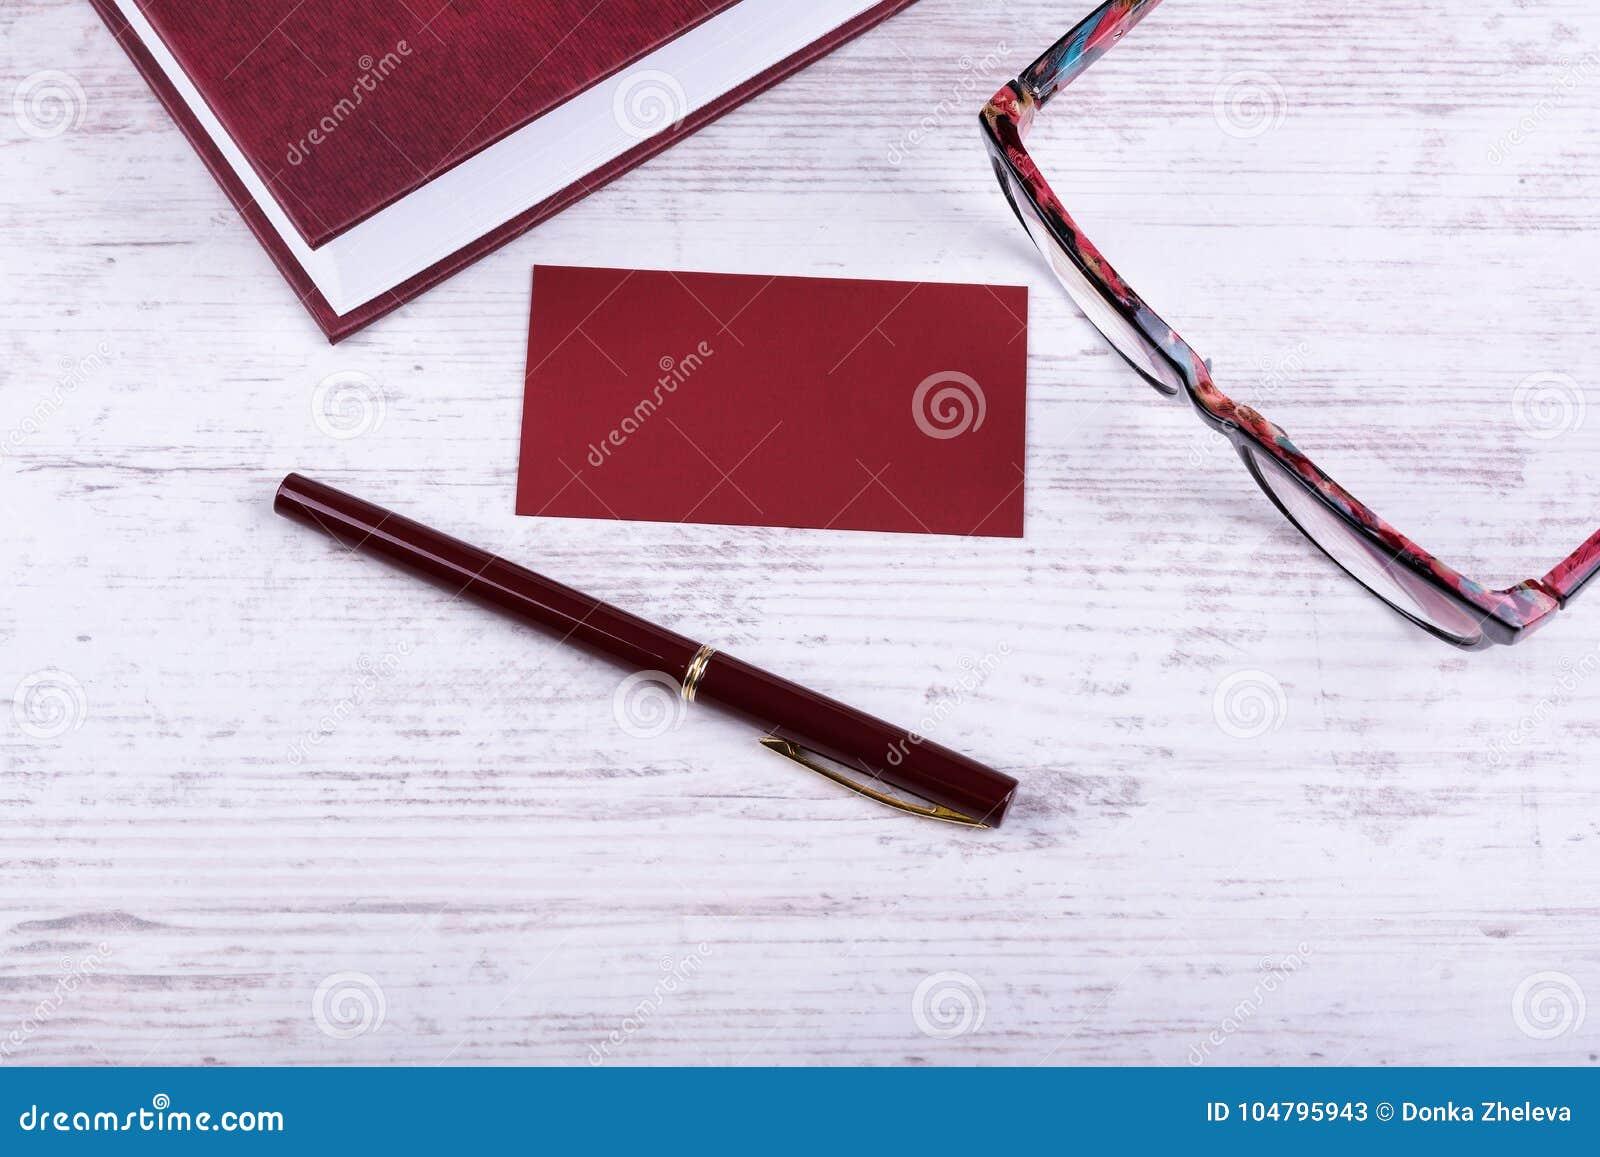 Maquette Rouge Vide De Carte Visite Professionnelle Livre Stylo Et Verres Rouges